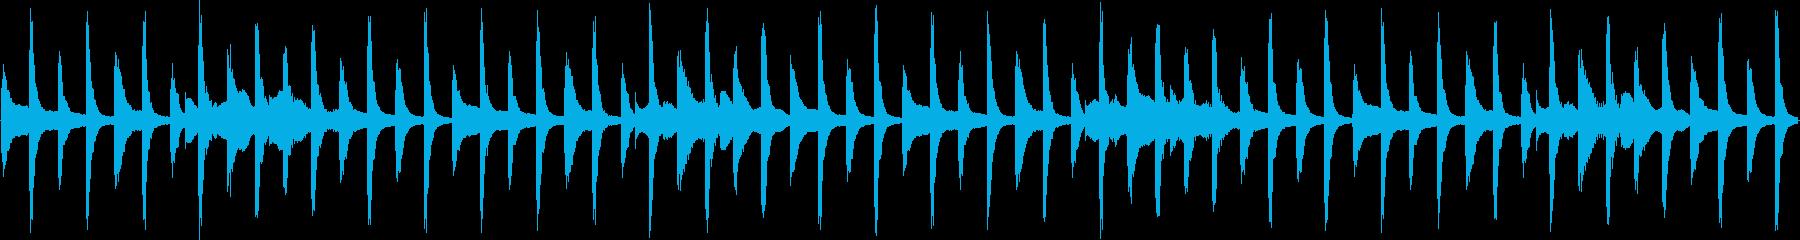 スマホTVCMの様な明るいループ。の再生済みの波形